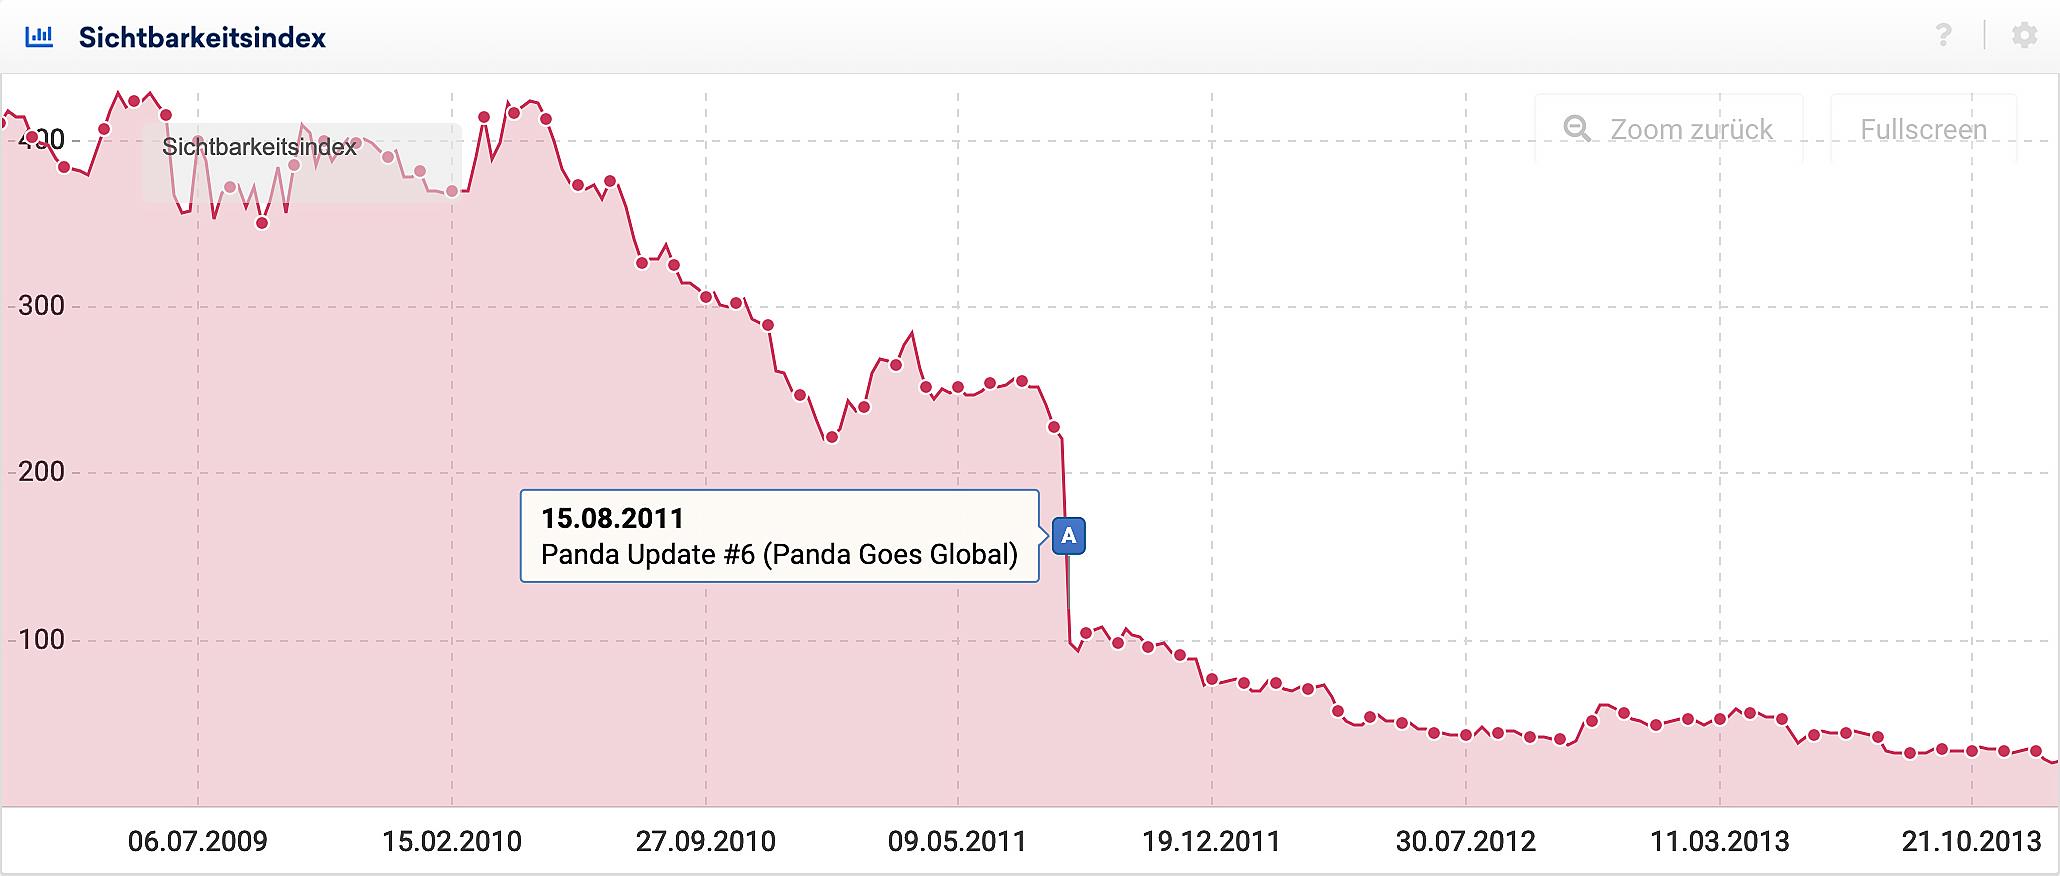 Der Sichtbarkeitsverlauf einer vom Google Panda Update betroffenen Domain mit aktivierten Ereignis-Pin. Zum Zeitpunkt des globalen Ausspielens des Panda-Algorithmus verliert die Domain mehr als 50 Prozent ihrer Sichtbarkeit.